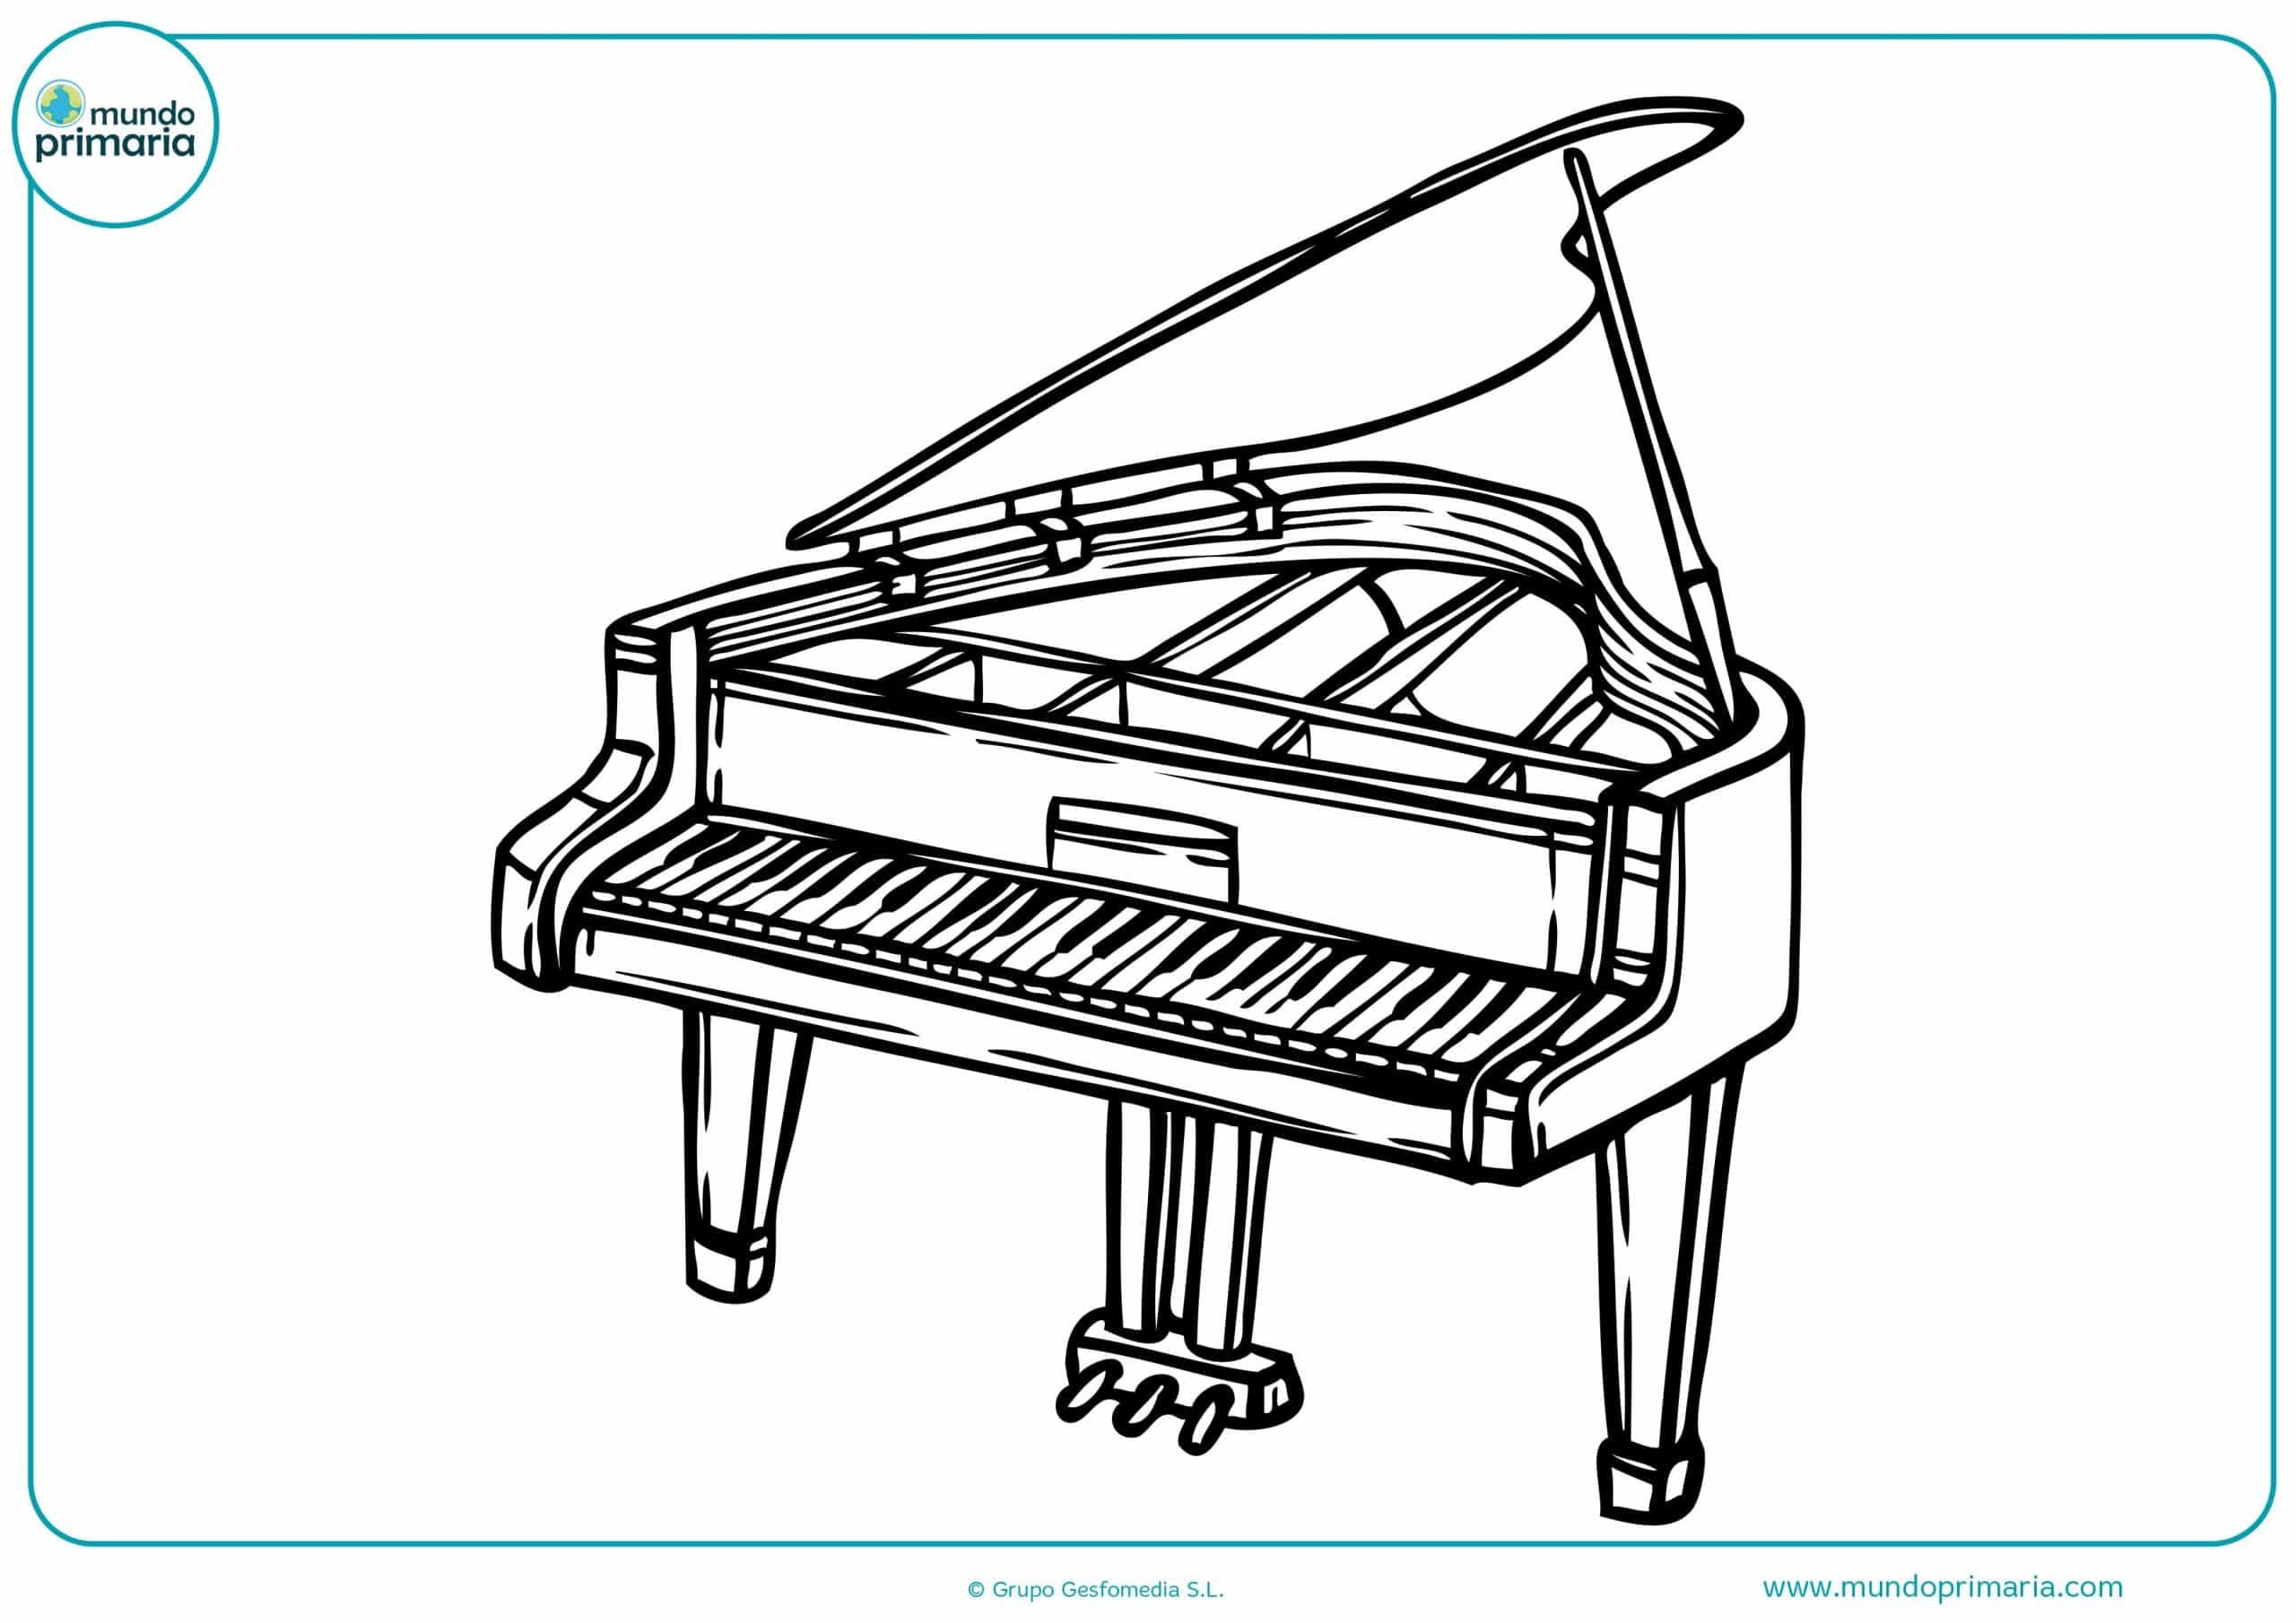 Colorear instrumentos musicales on line